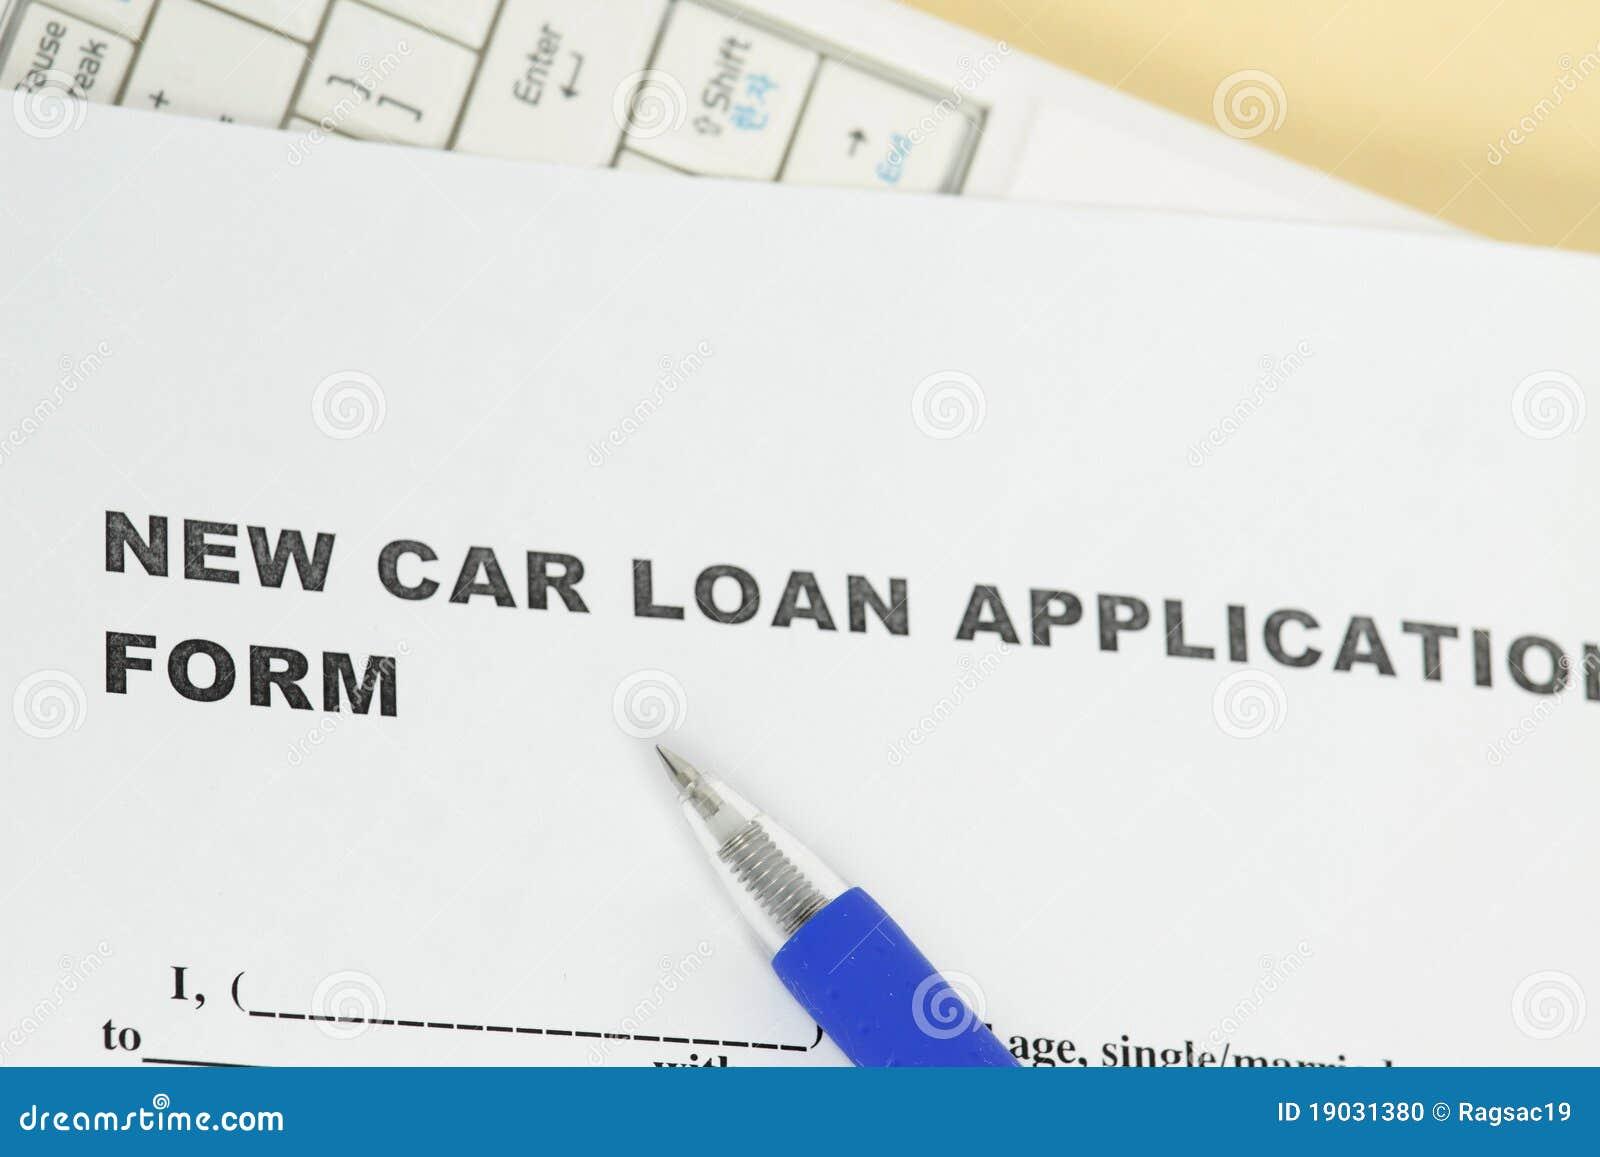 Loan: Car Loan